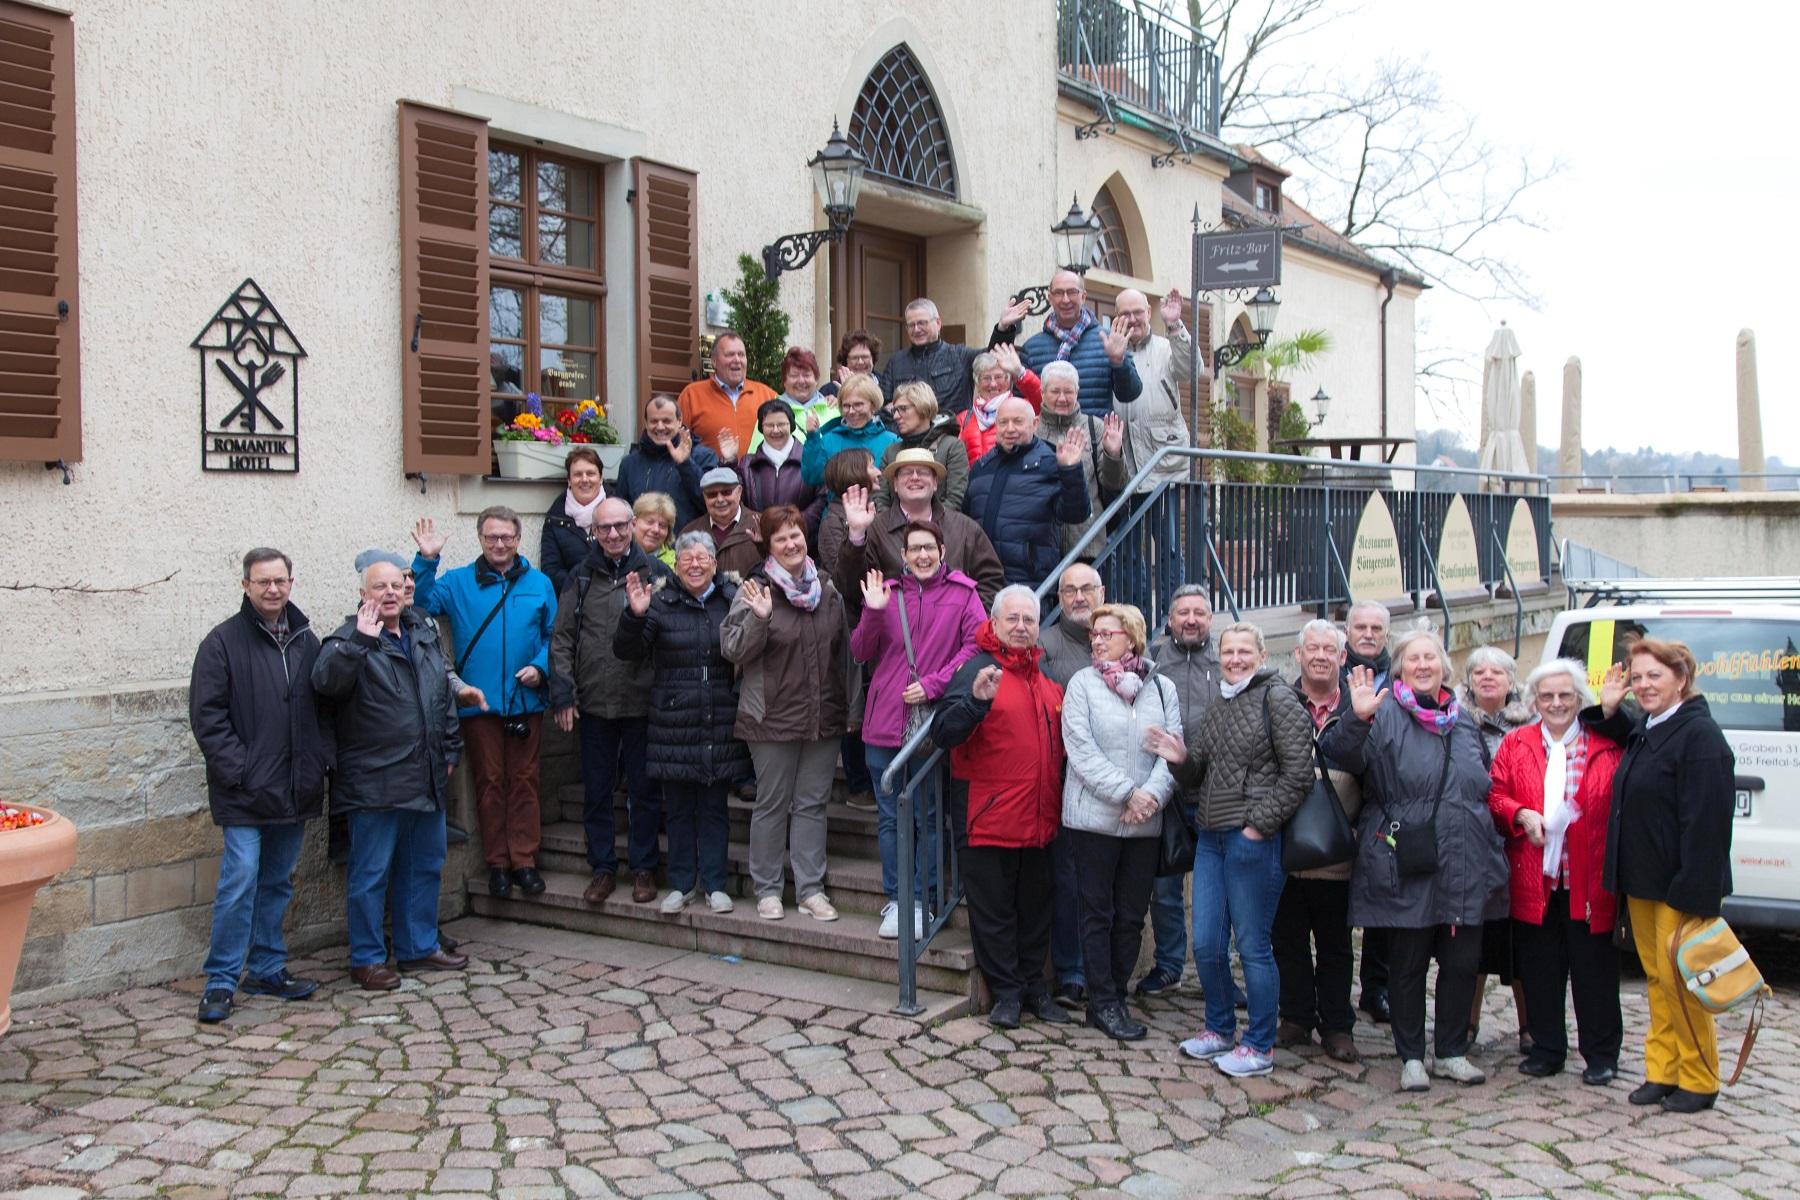 Zv Des Monats 0818 Südpfalz Foto 04 Zv Suedpfalz Reise Foto Klein